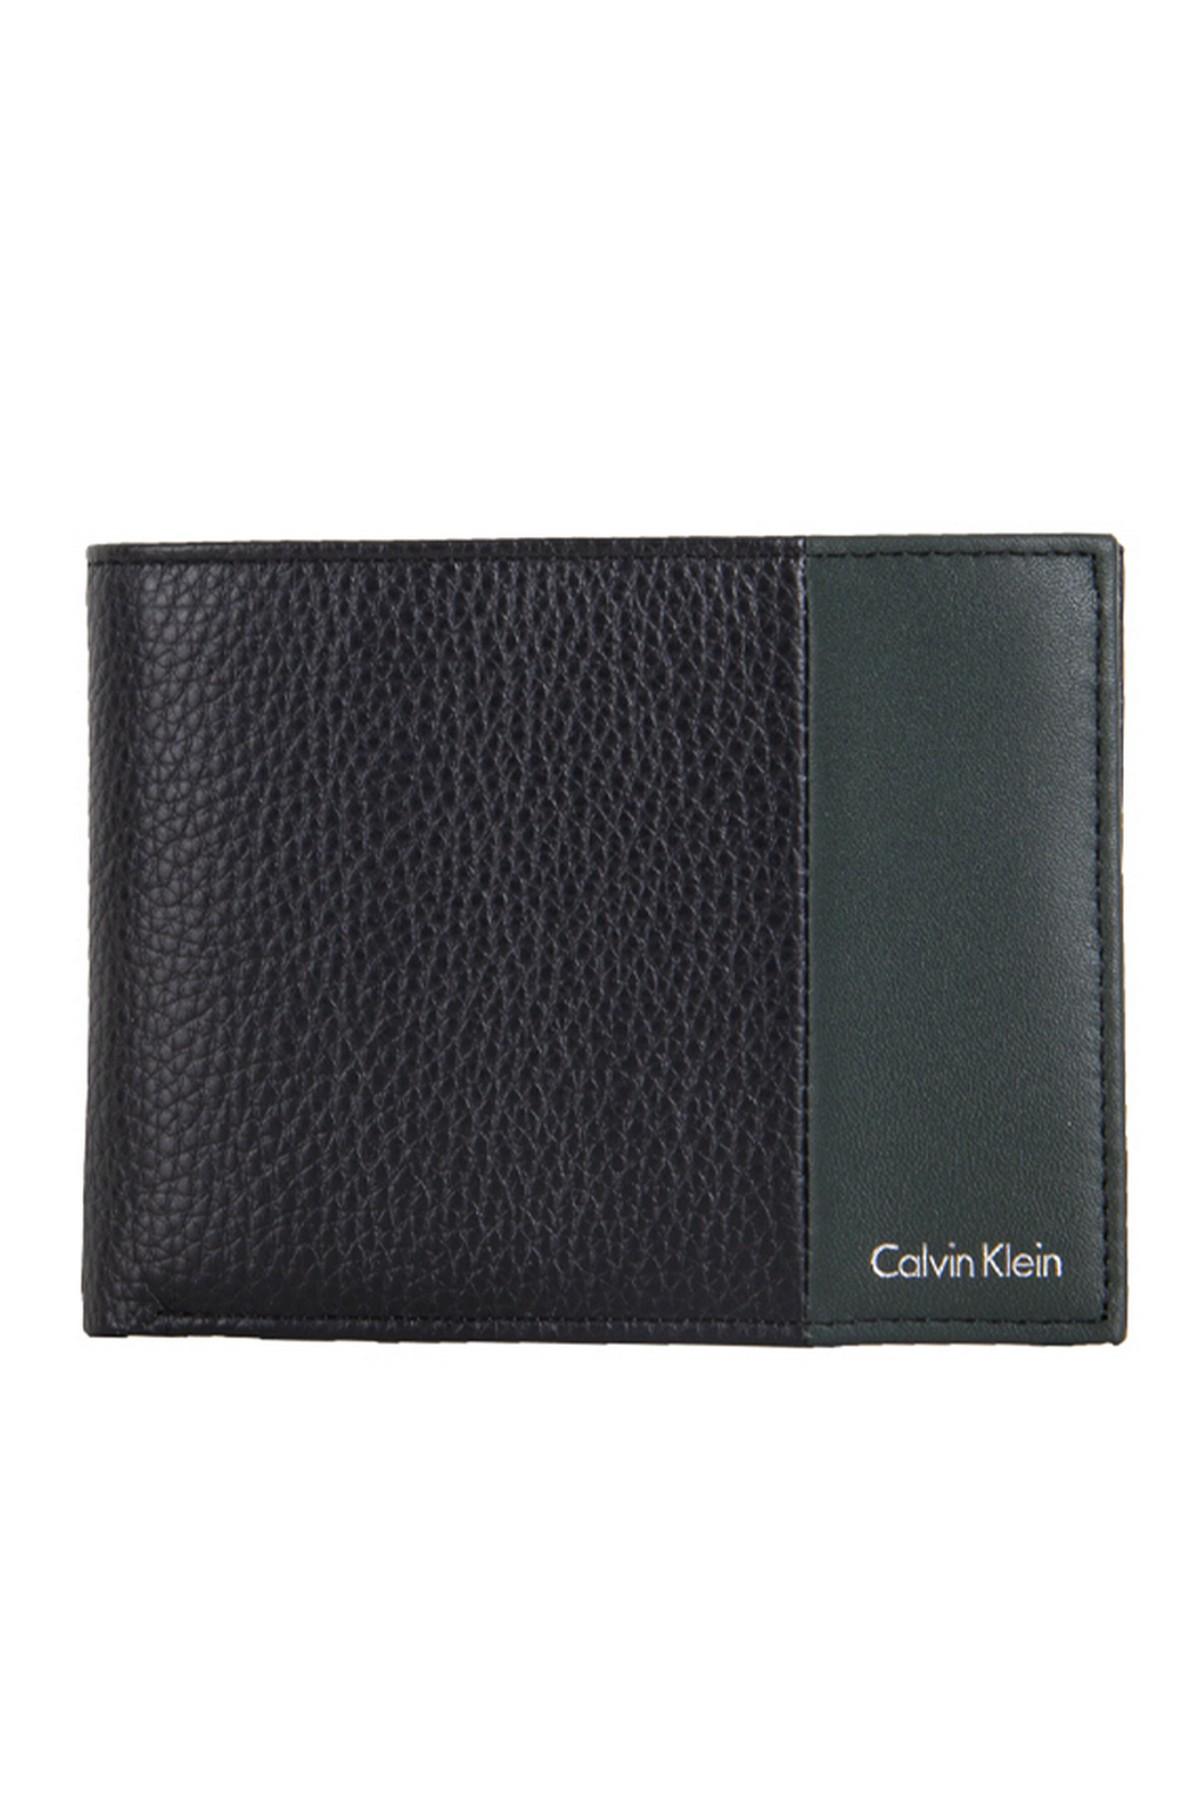 Calvin Klein Erkek Cüzdan/ Kartlık - Siyah/Yeşil (KM0KM0037693)